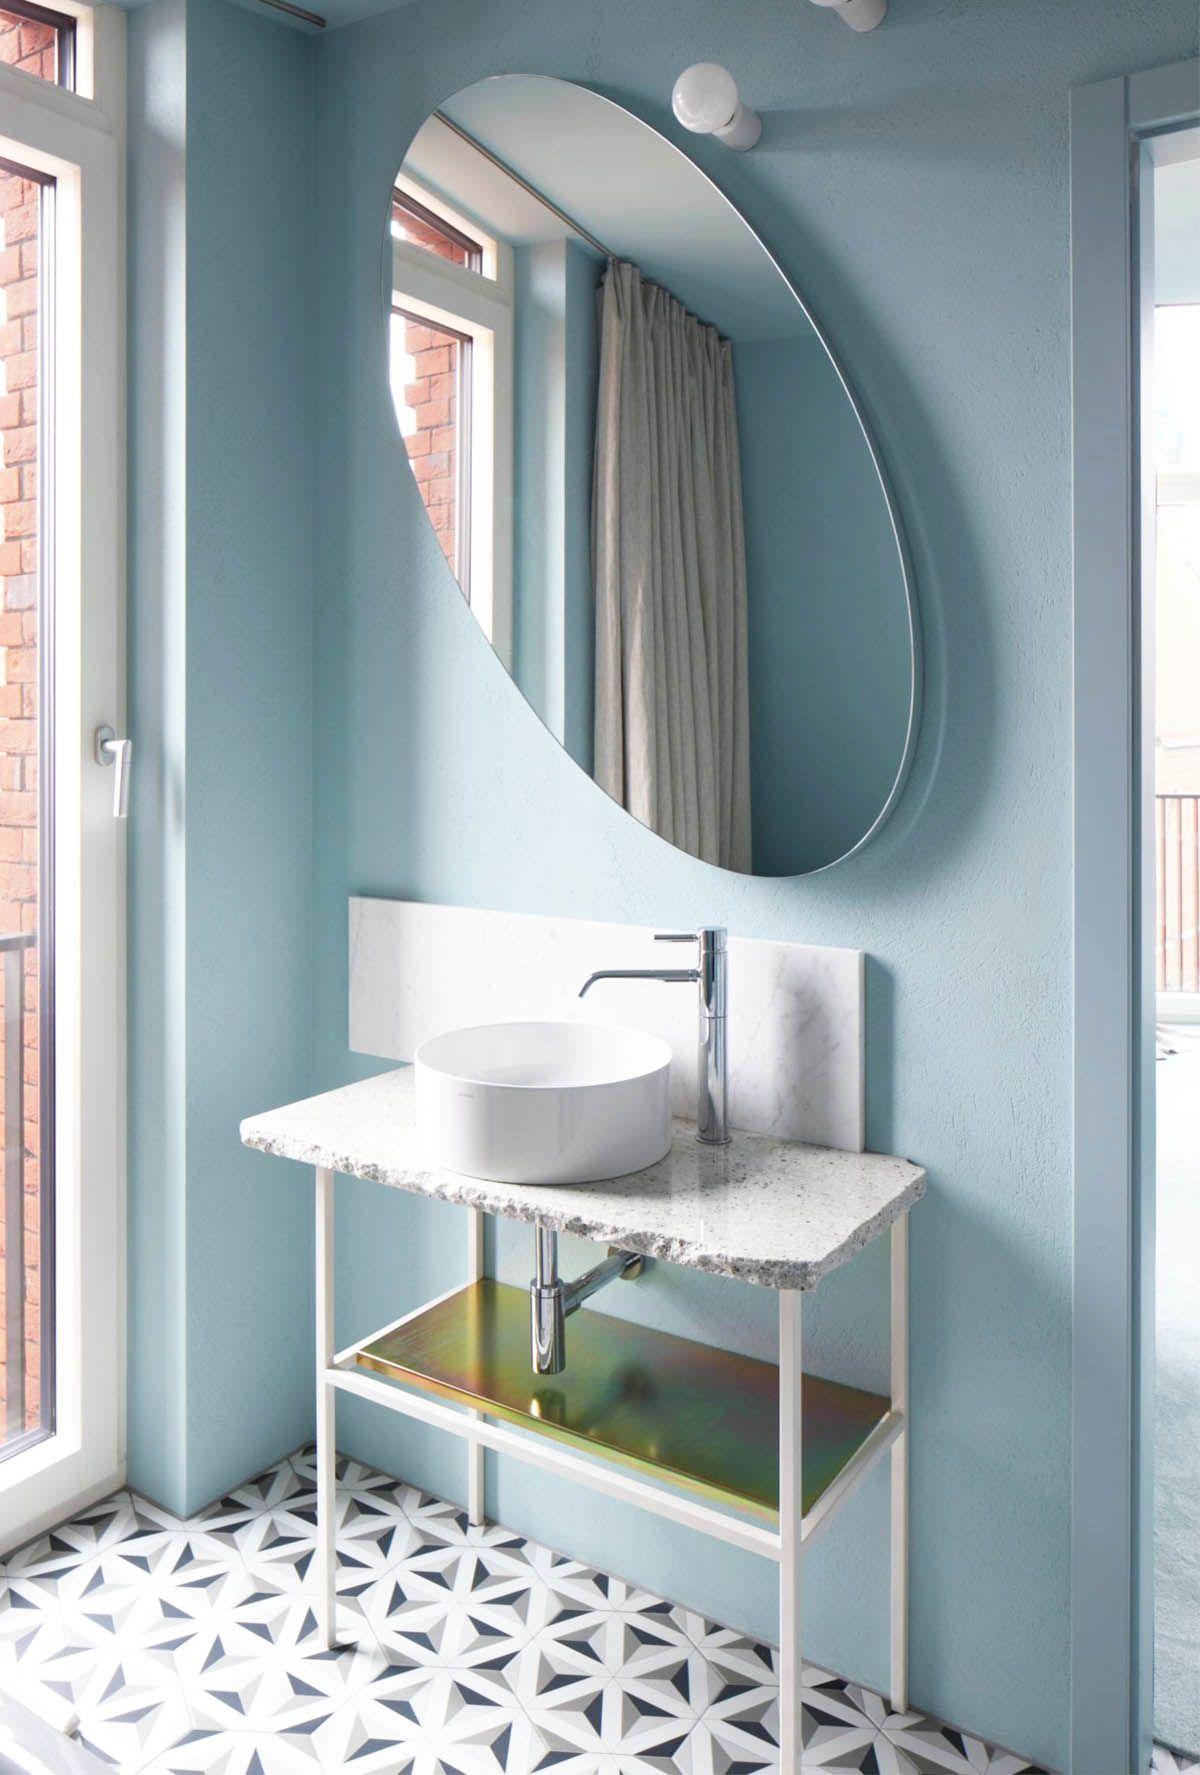 Come Abbinare I Colori Di Pareti E Mobili Lhotel Monocromatico Di